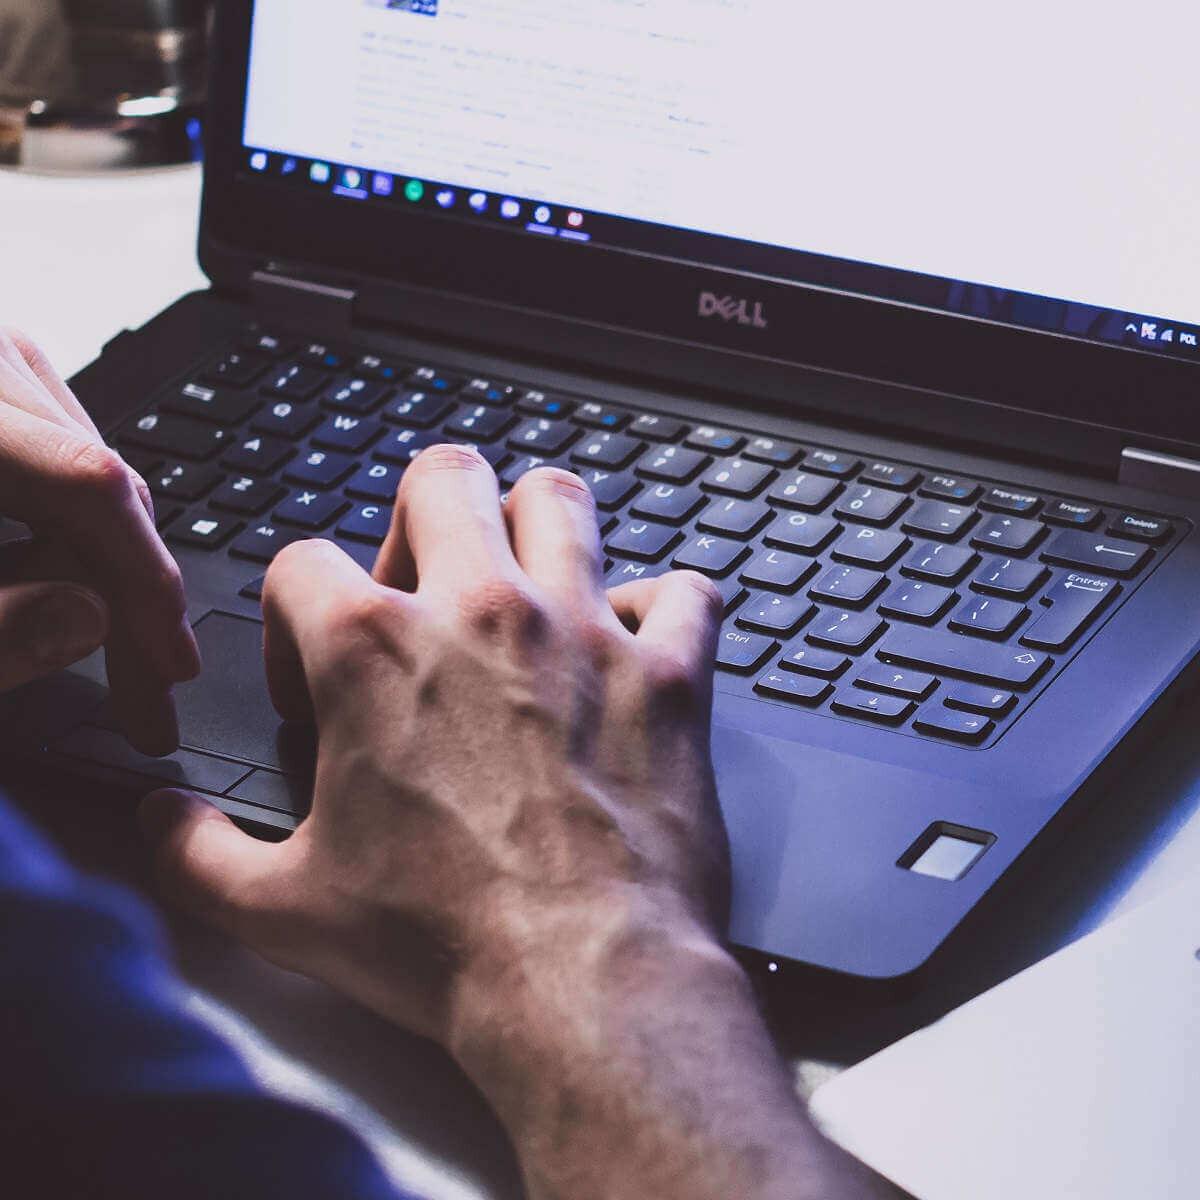 Làm sao để laptop chạy nhanh hơn bằng các phương pháp thủ công